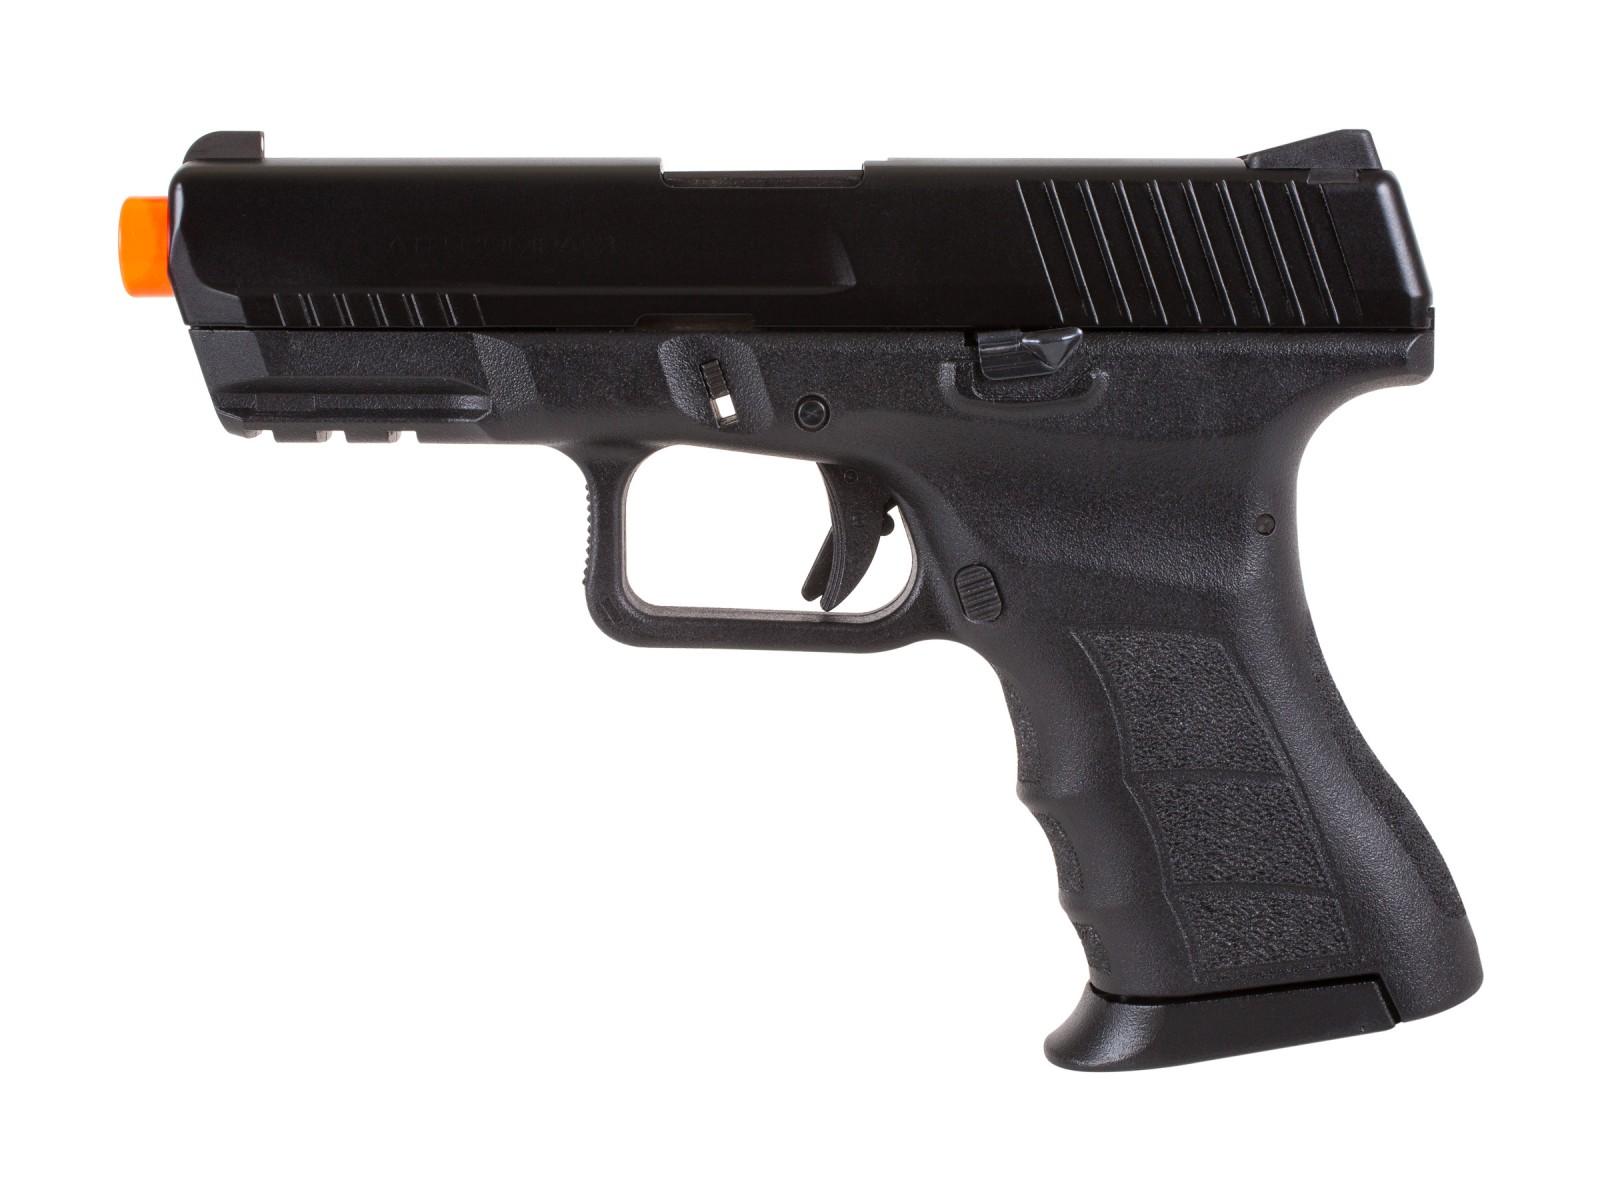 KWA ATP Compact GBB Airsoft Pistol